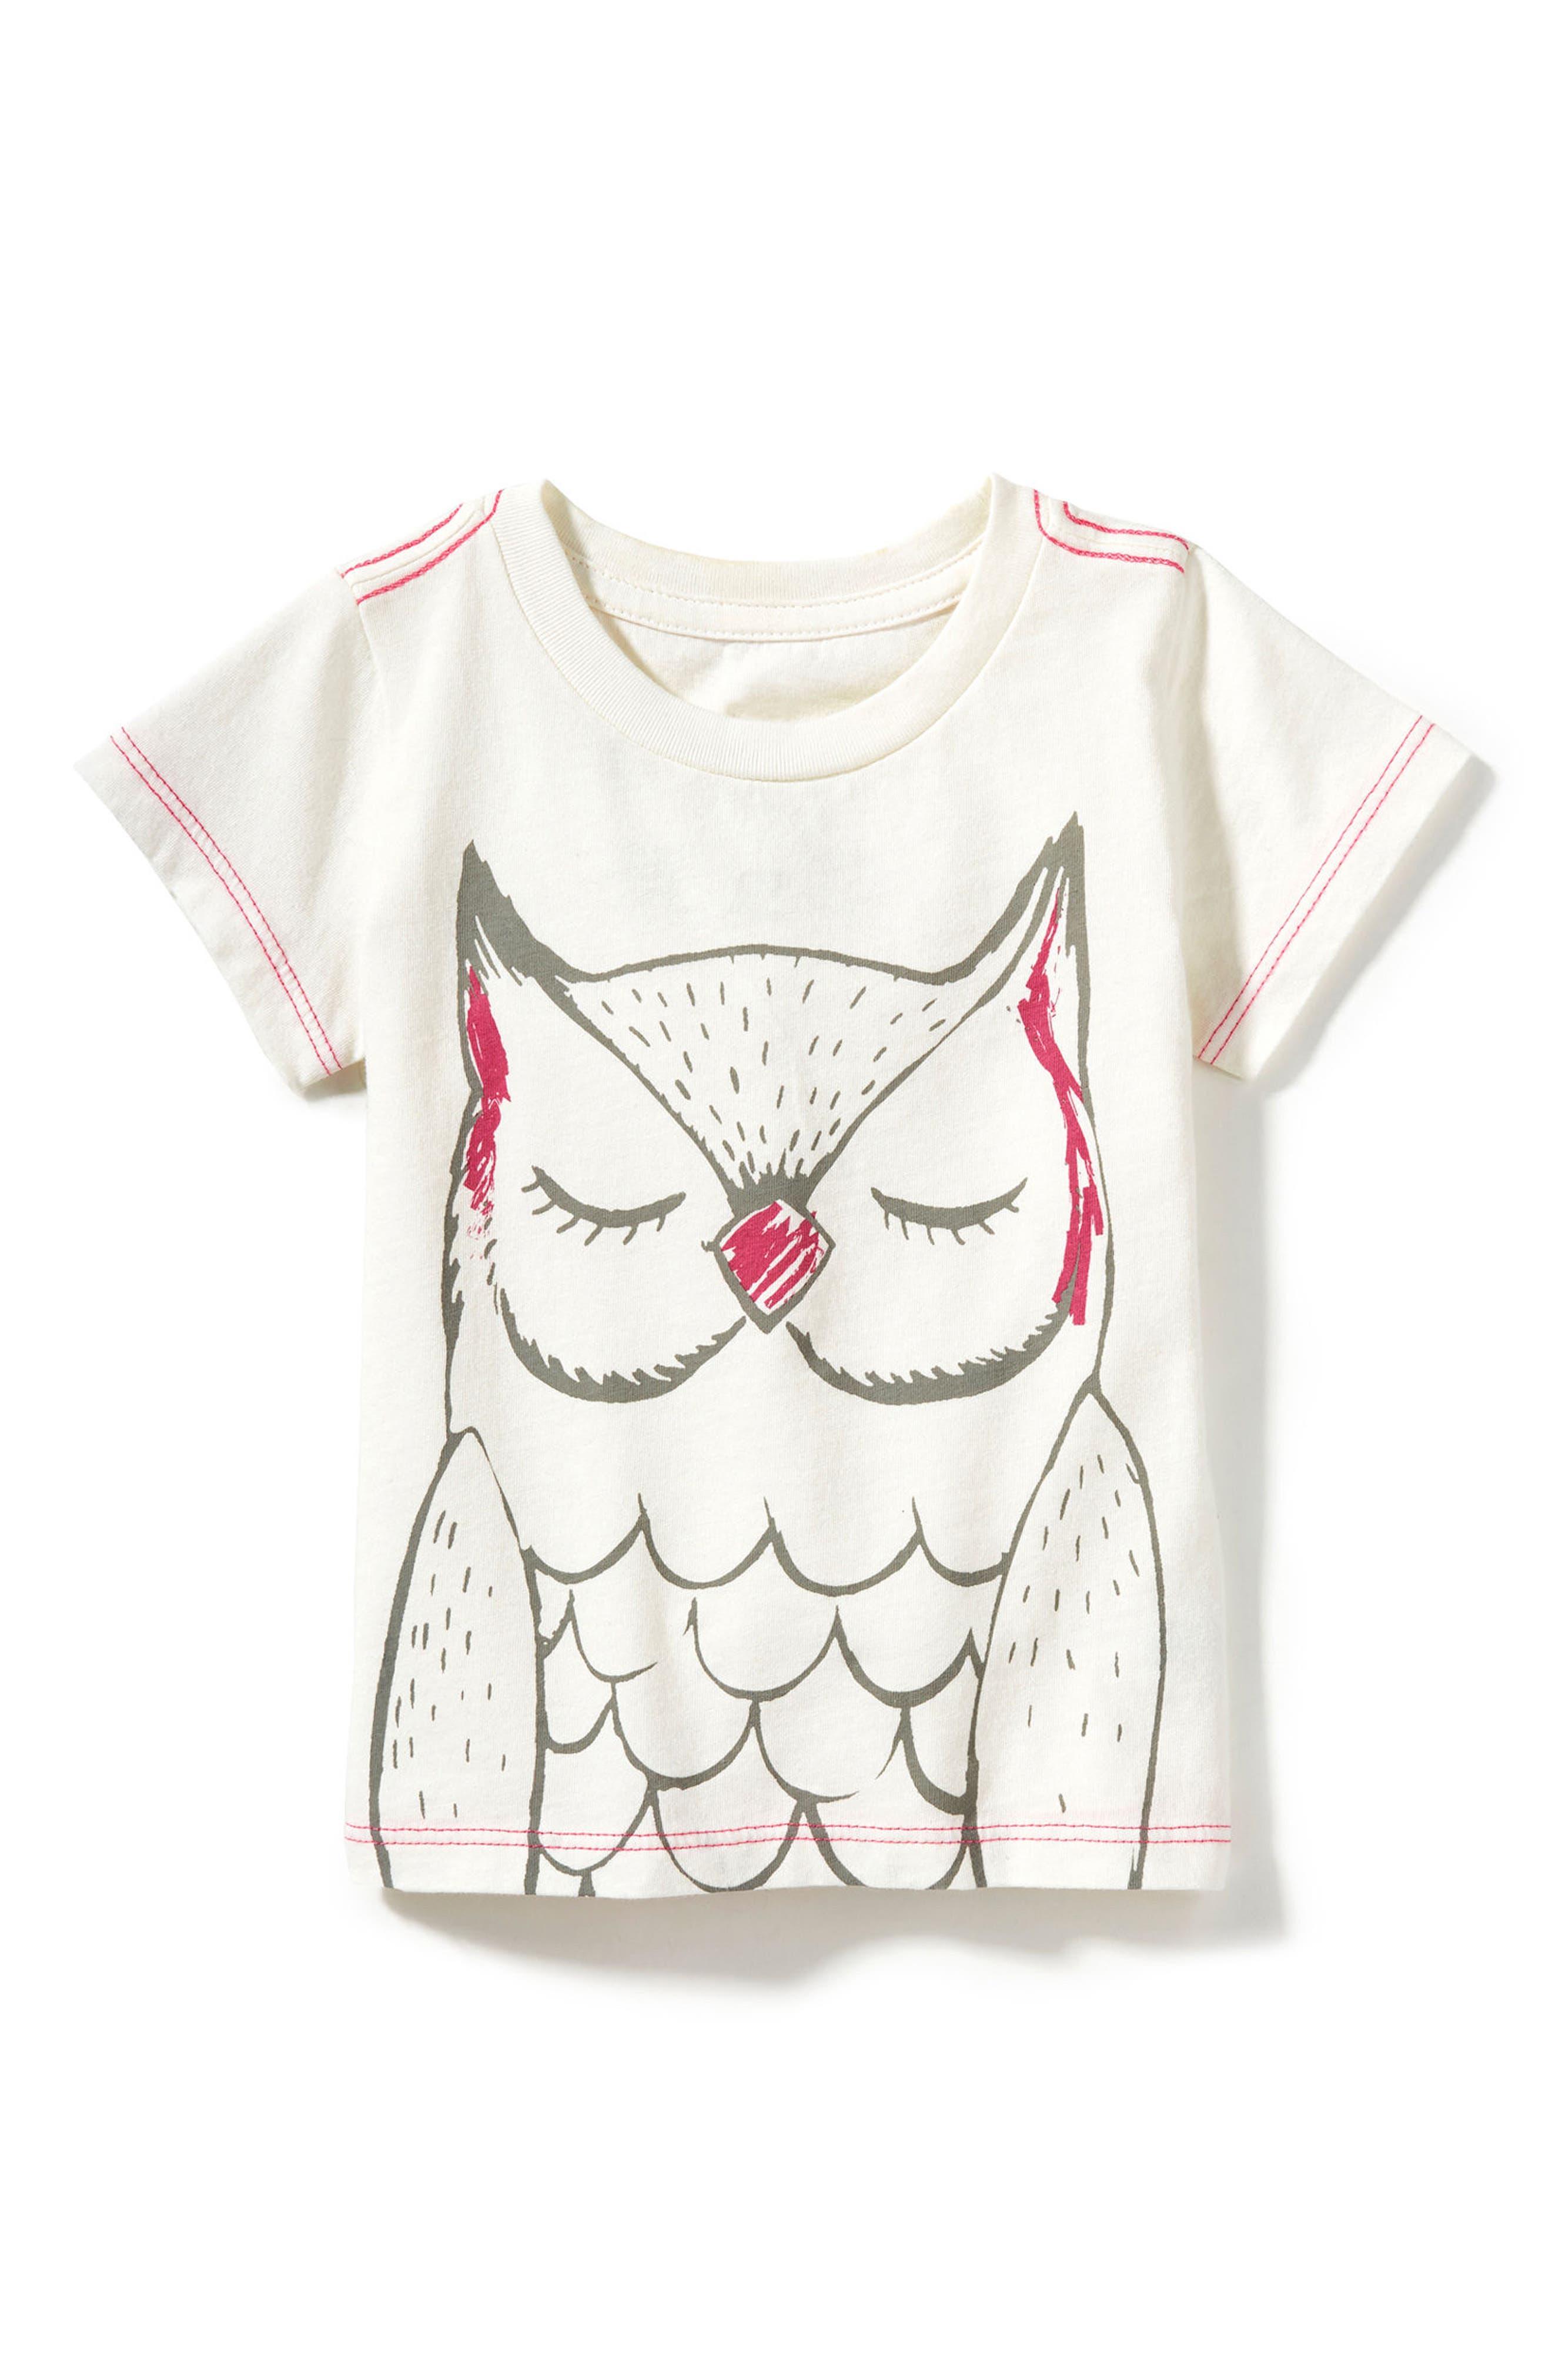 Main Image - Peek Owl Graphic Tee (Baby Girls)